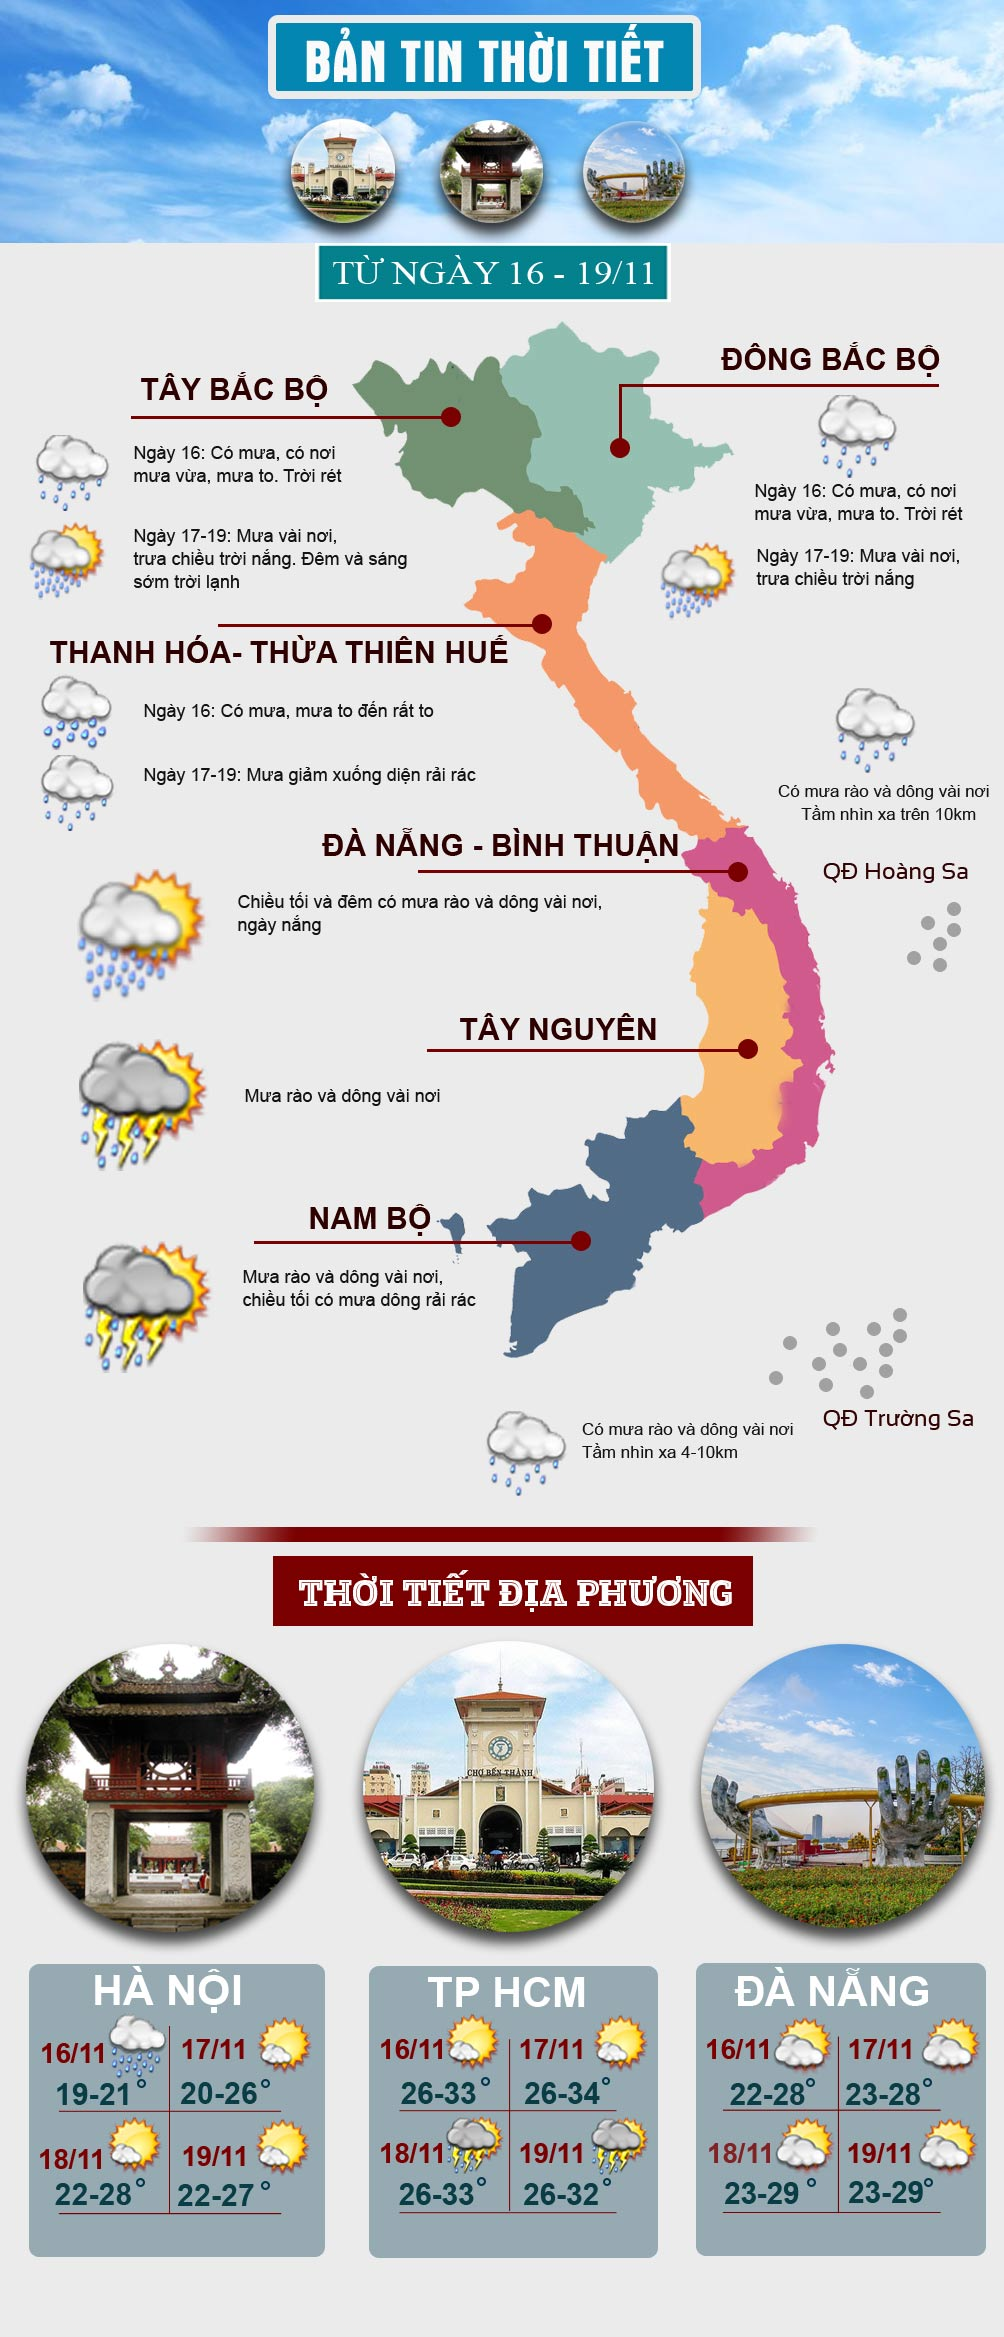 Sau bão số 13, thời tiết 3 miền diễn biến thế nào? - hình ảnh 1